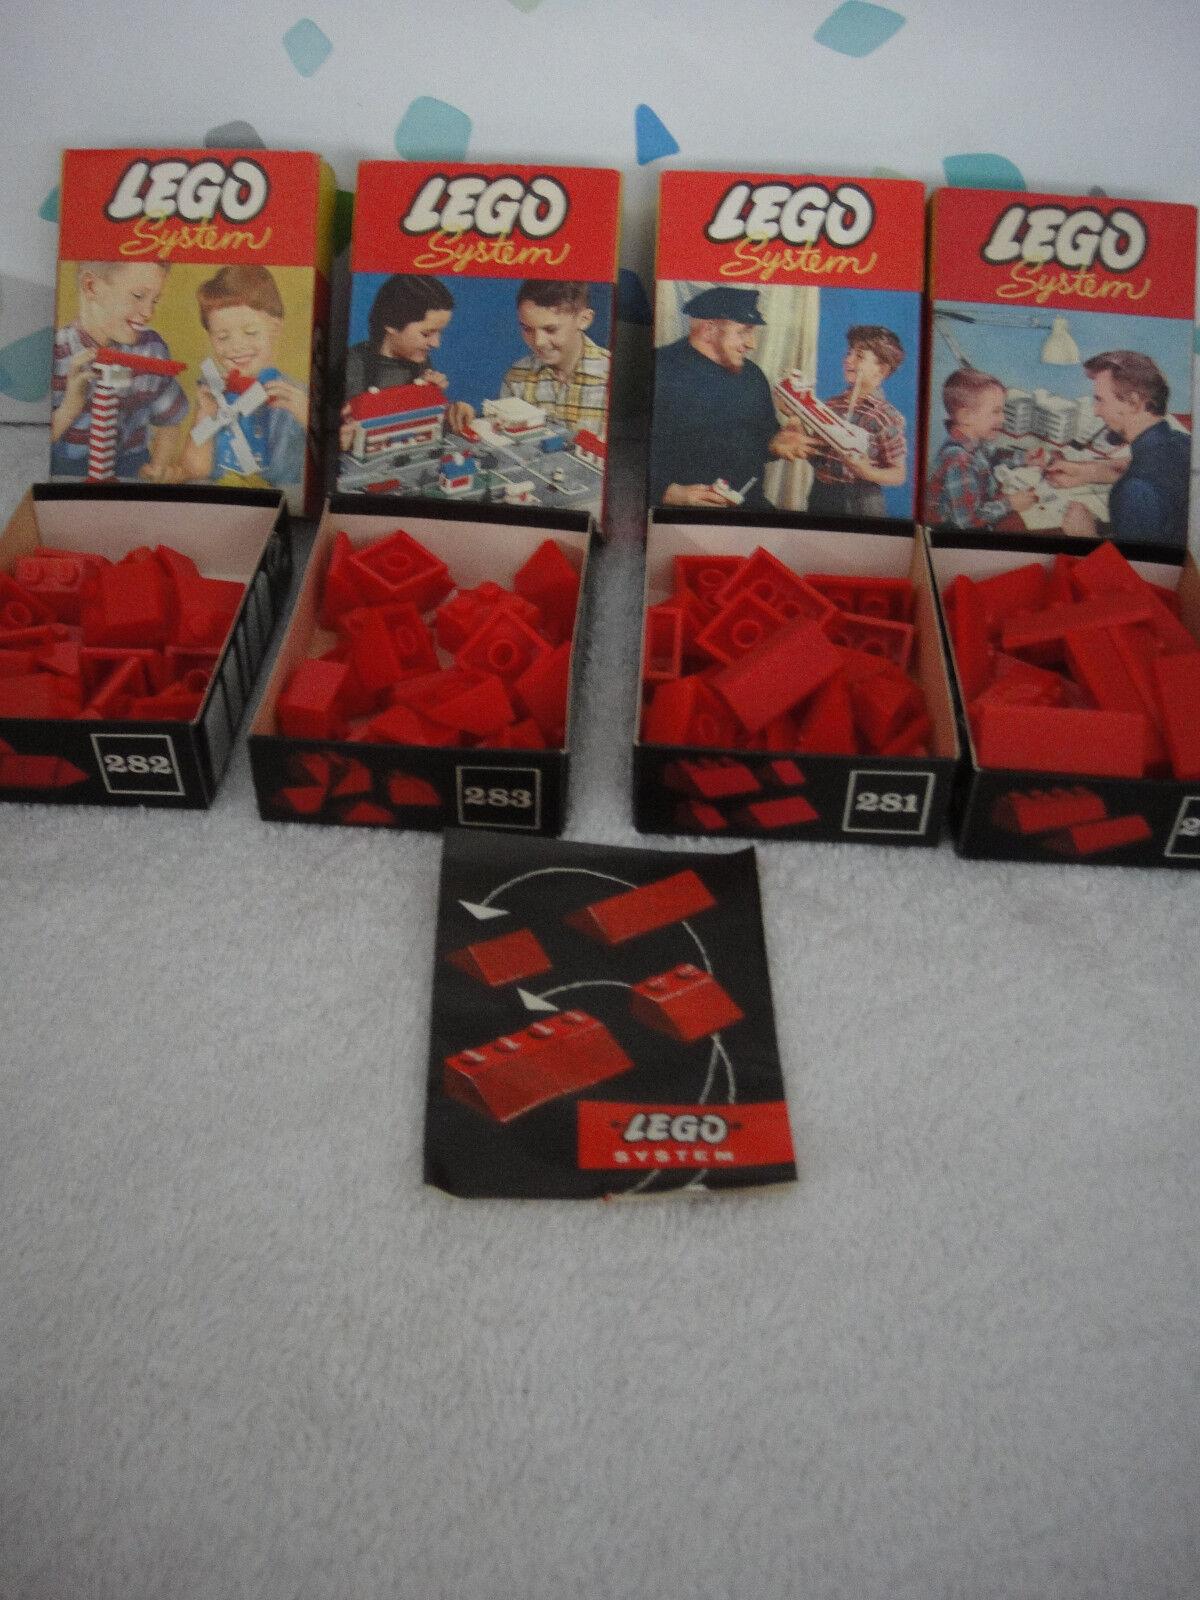 LEGO System Set Nr. 280 281 282 283 + ovp rote dachziegel